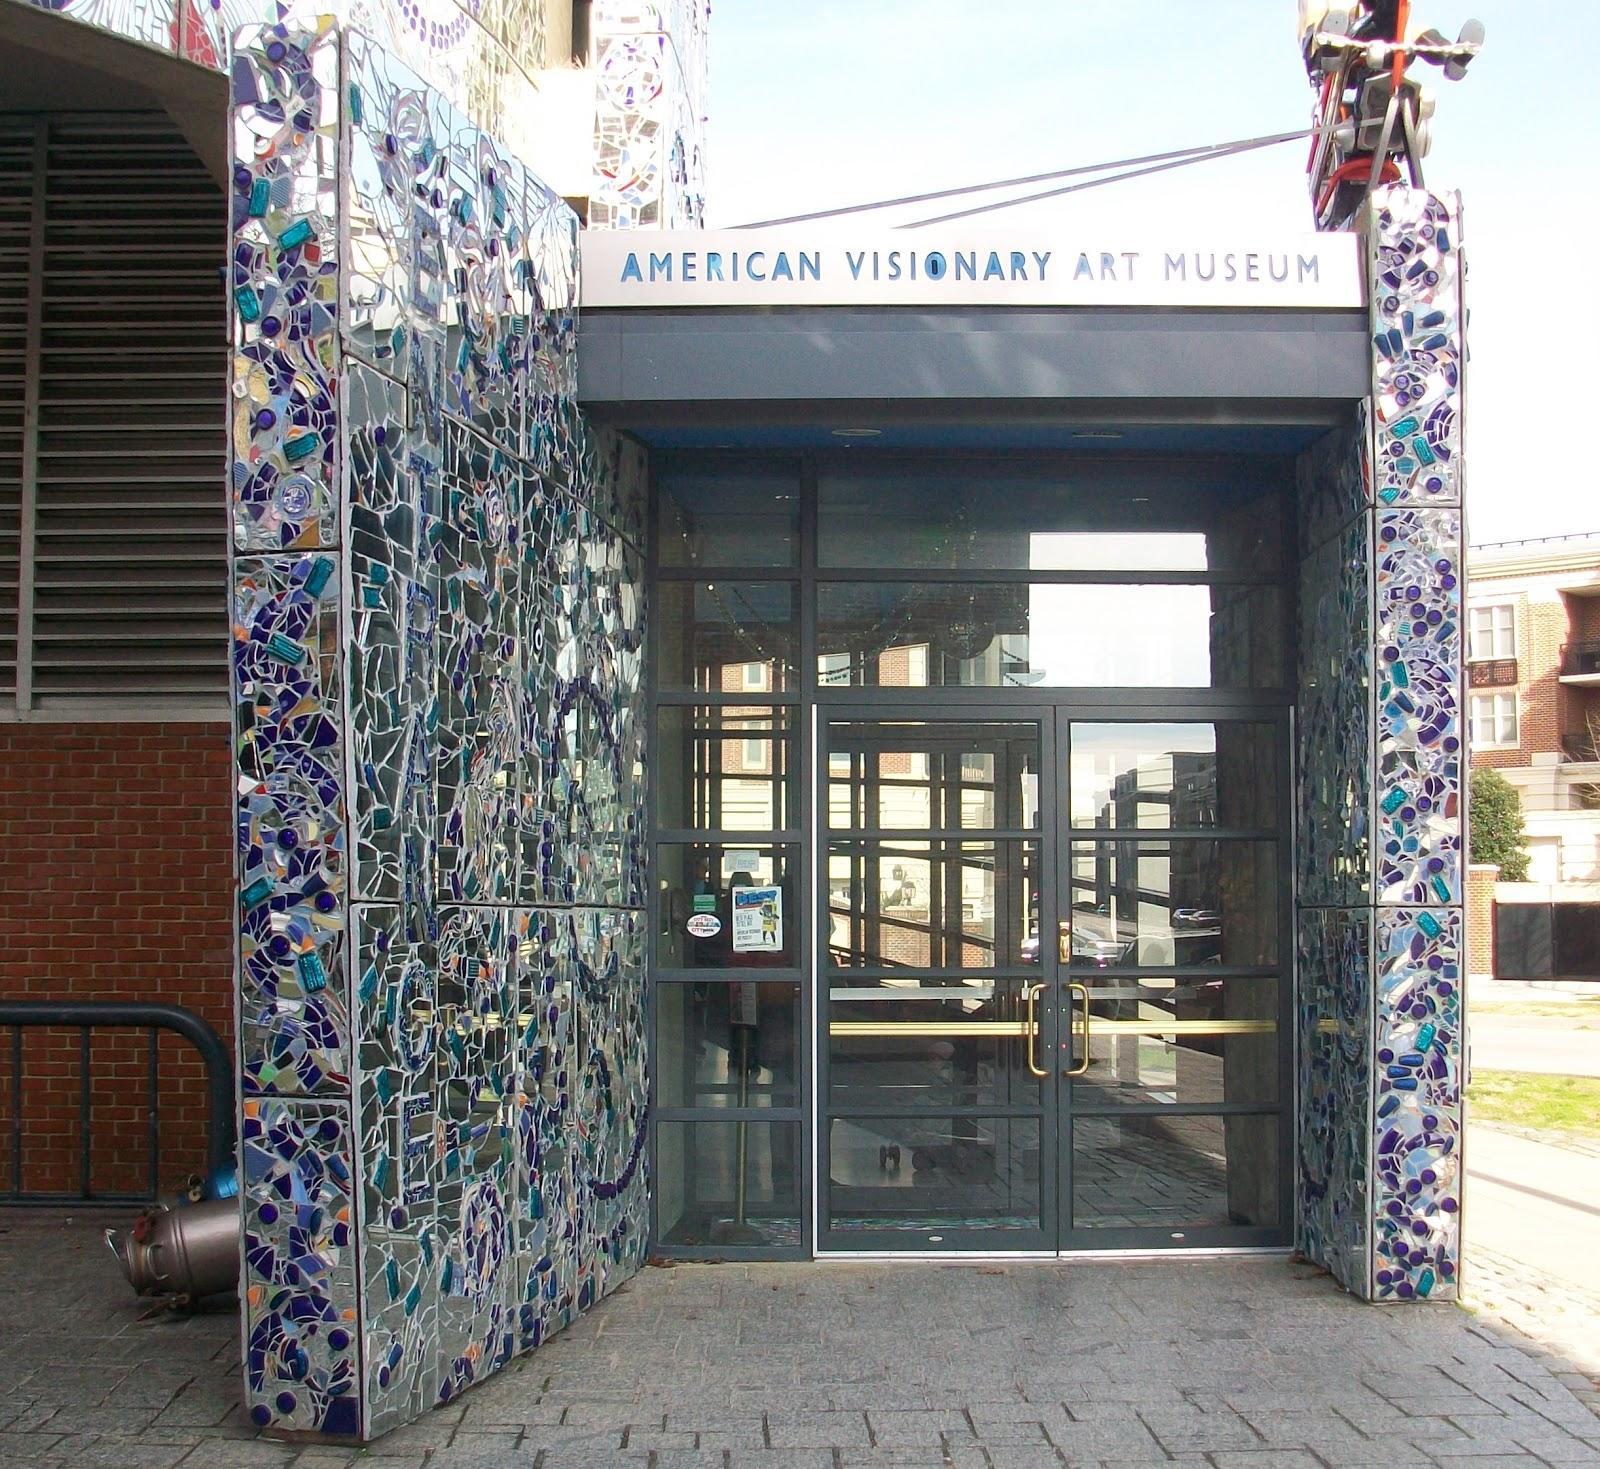 http://2.bp.blogspot.com/-btyRMzOYEKg/UN-DDiwzYnI/AAAAAAAALBo/YsjPS-HP498/s1600/entrance.jpg